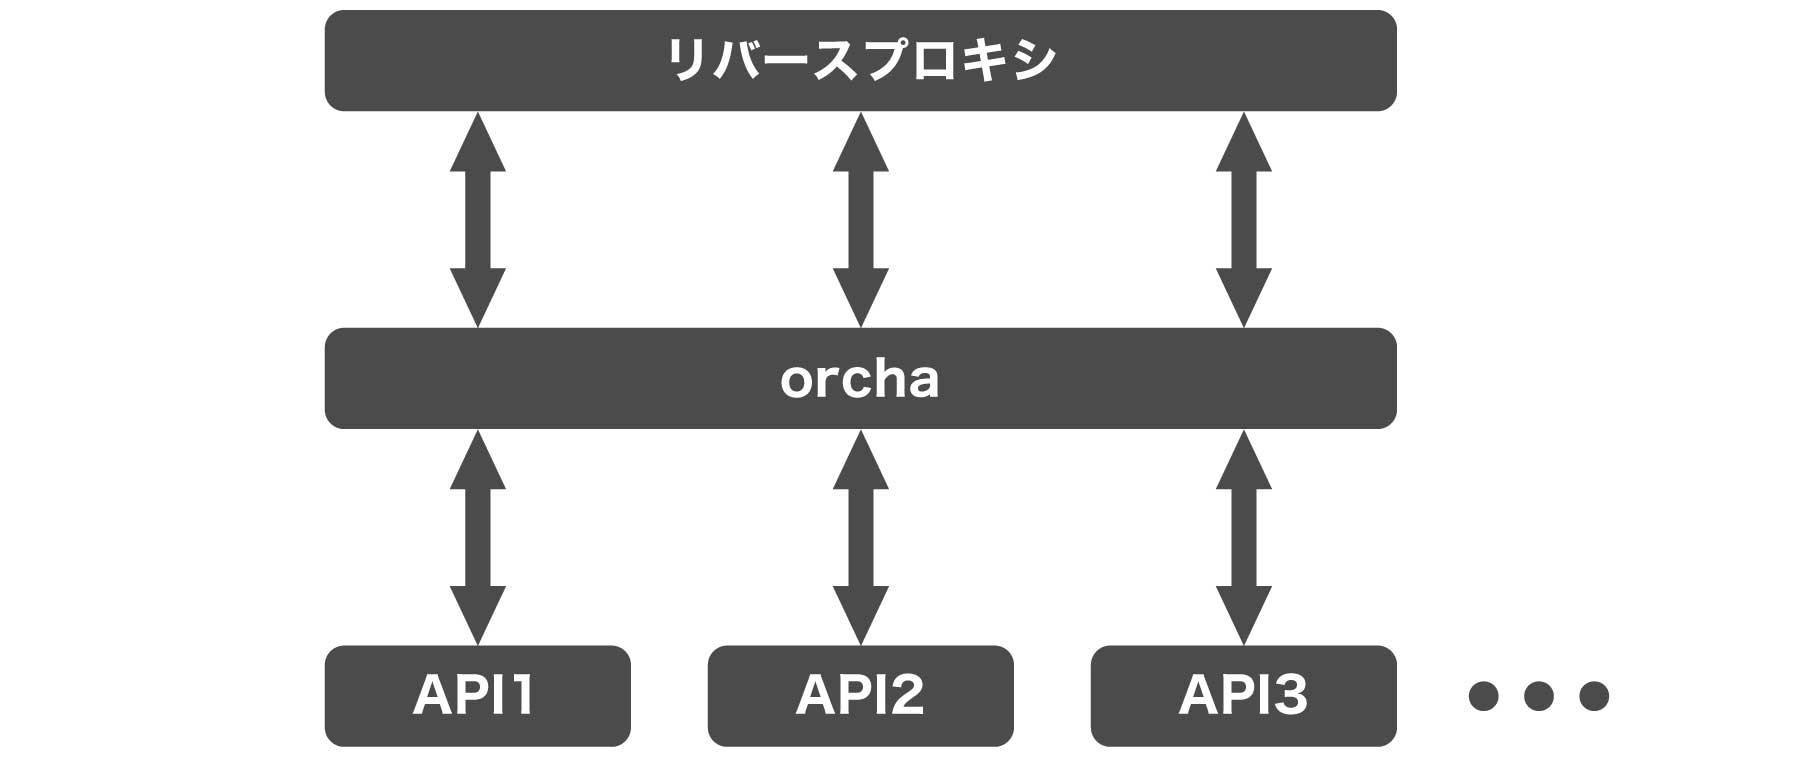 クックパッドのマイクロサービス化orcha作動イメージ